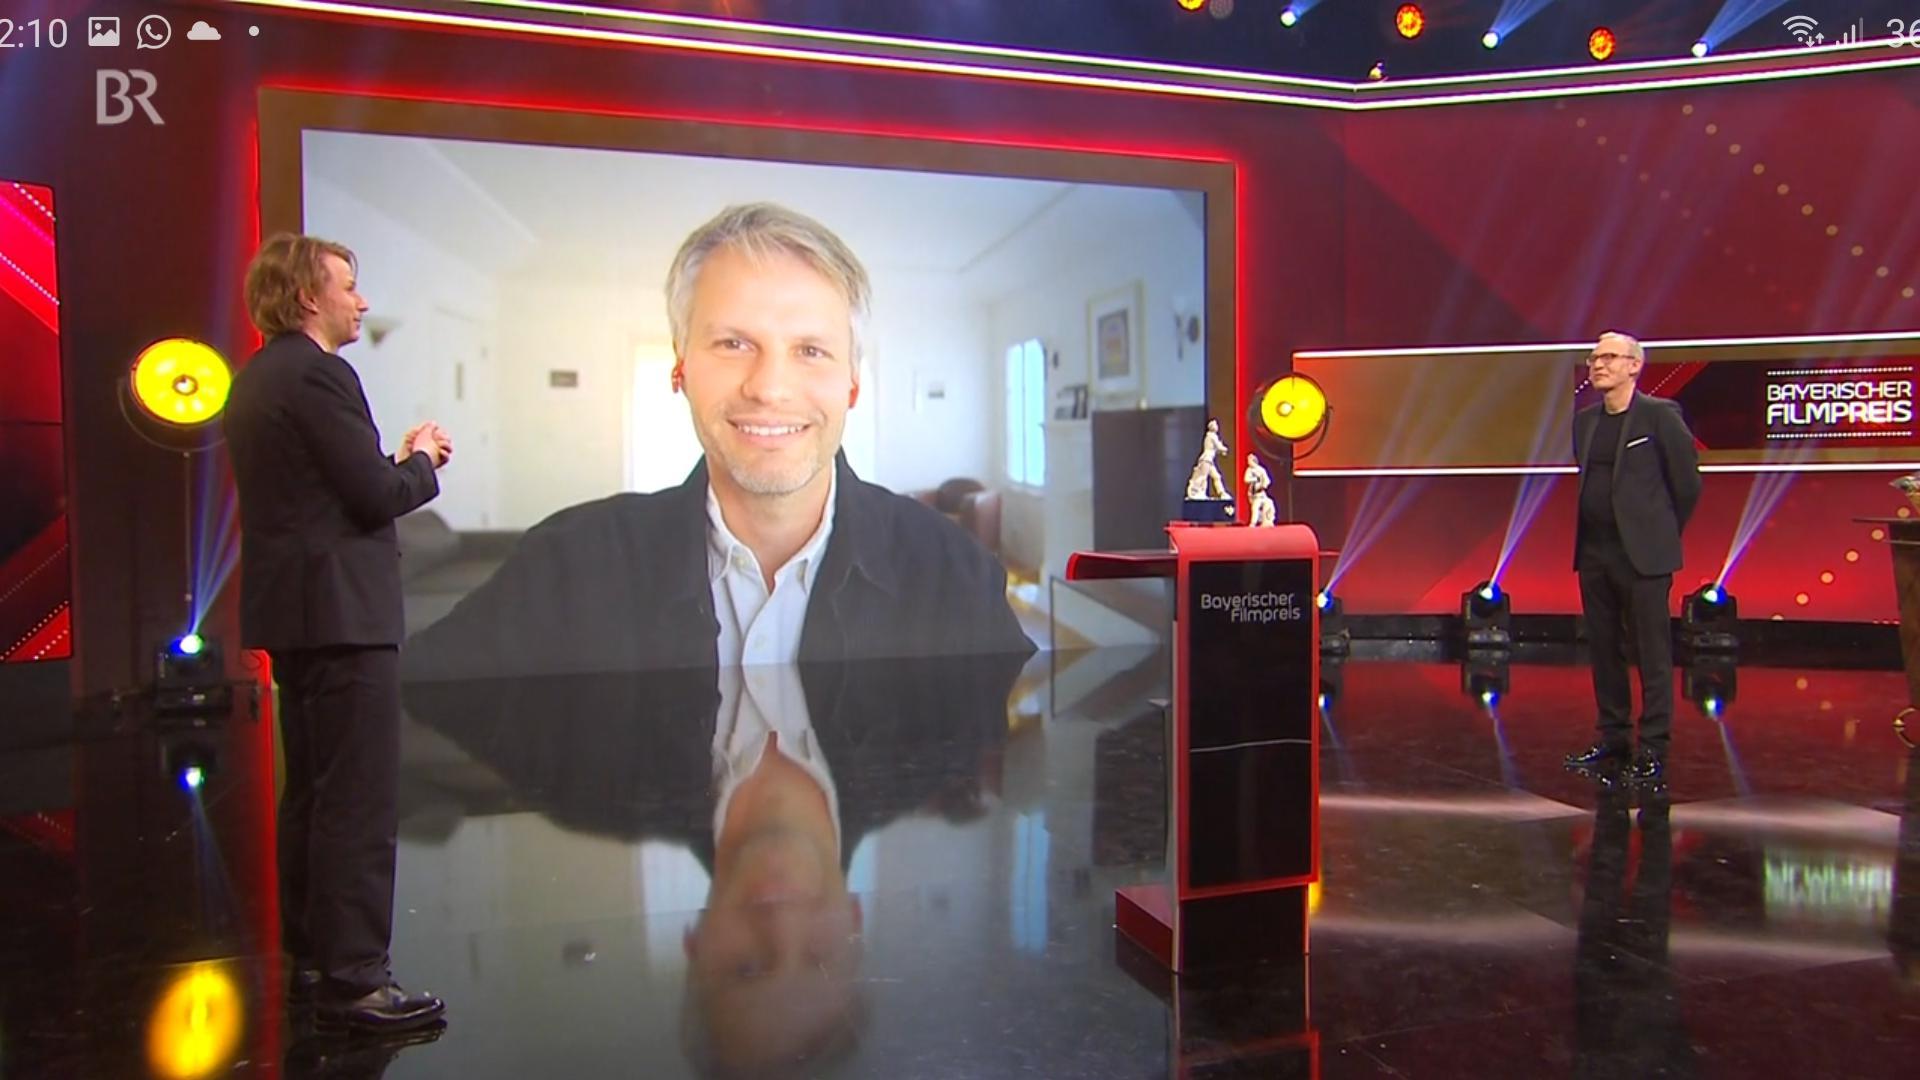 Per Video aus den USA zugeschaltet: Markus Förderer, Shooting-Star unter den deutschen Kameraleuten, hat jetzt mit dem Bayerischen Filmpreis erneut eine Auszeichnung erhalten.